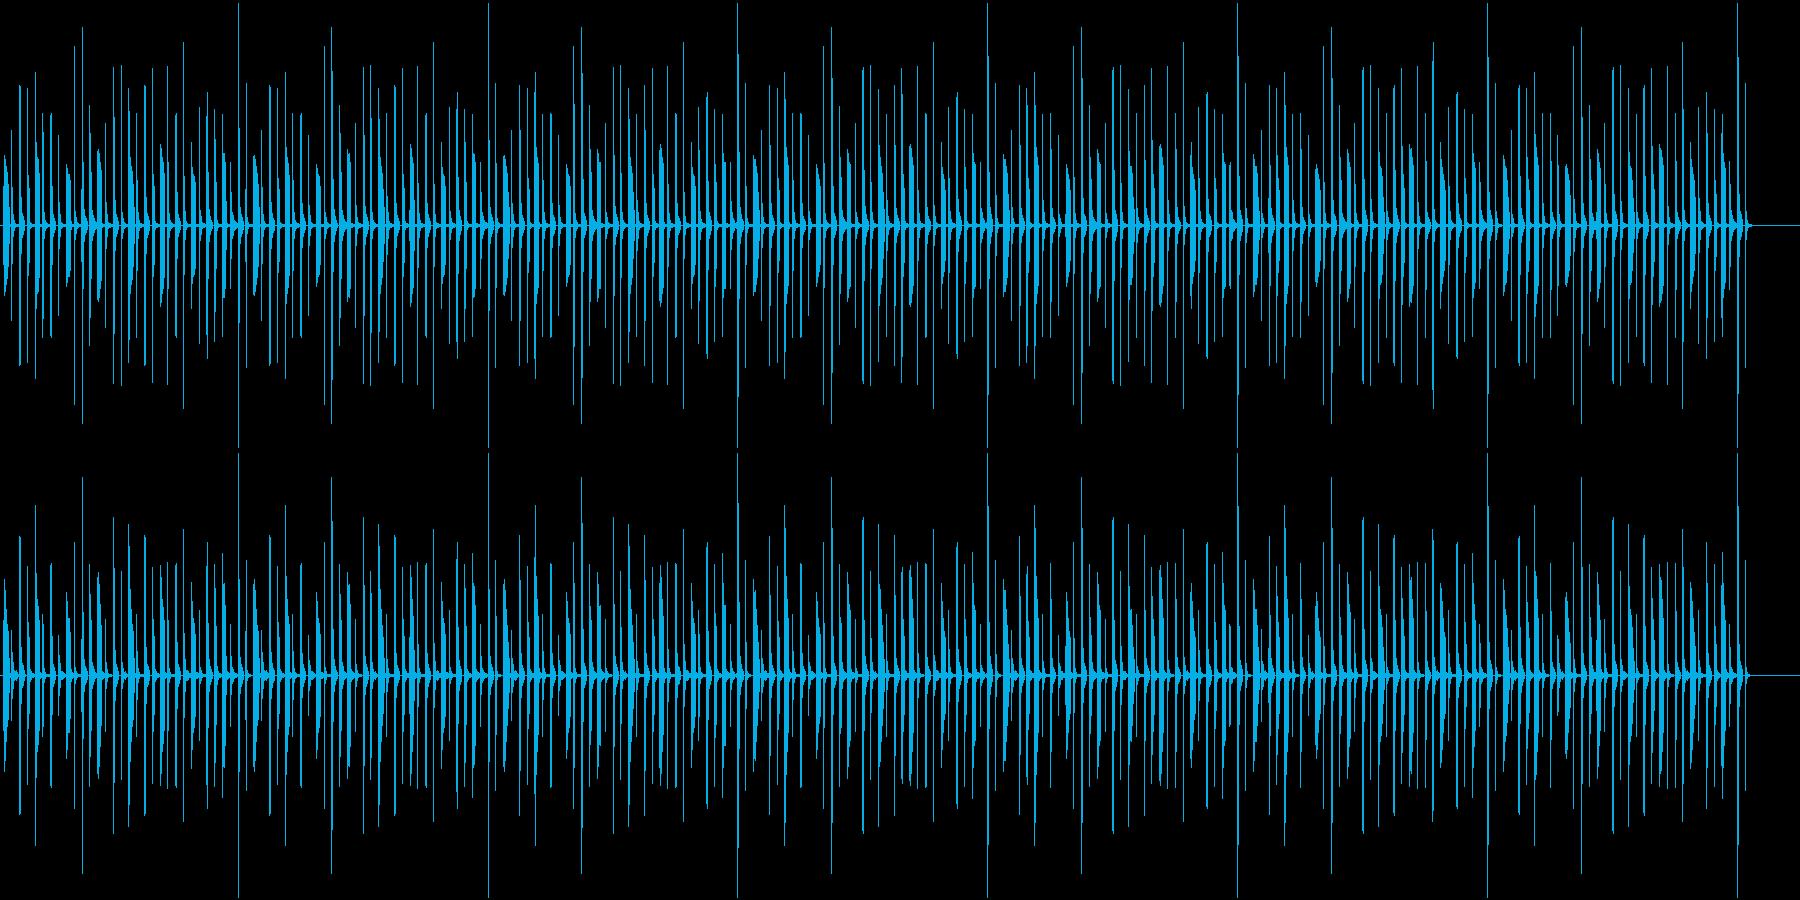 クイズ番組で思案中のようなBGMの再生済みの波形